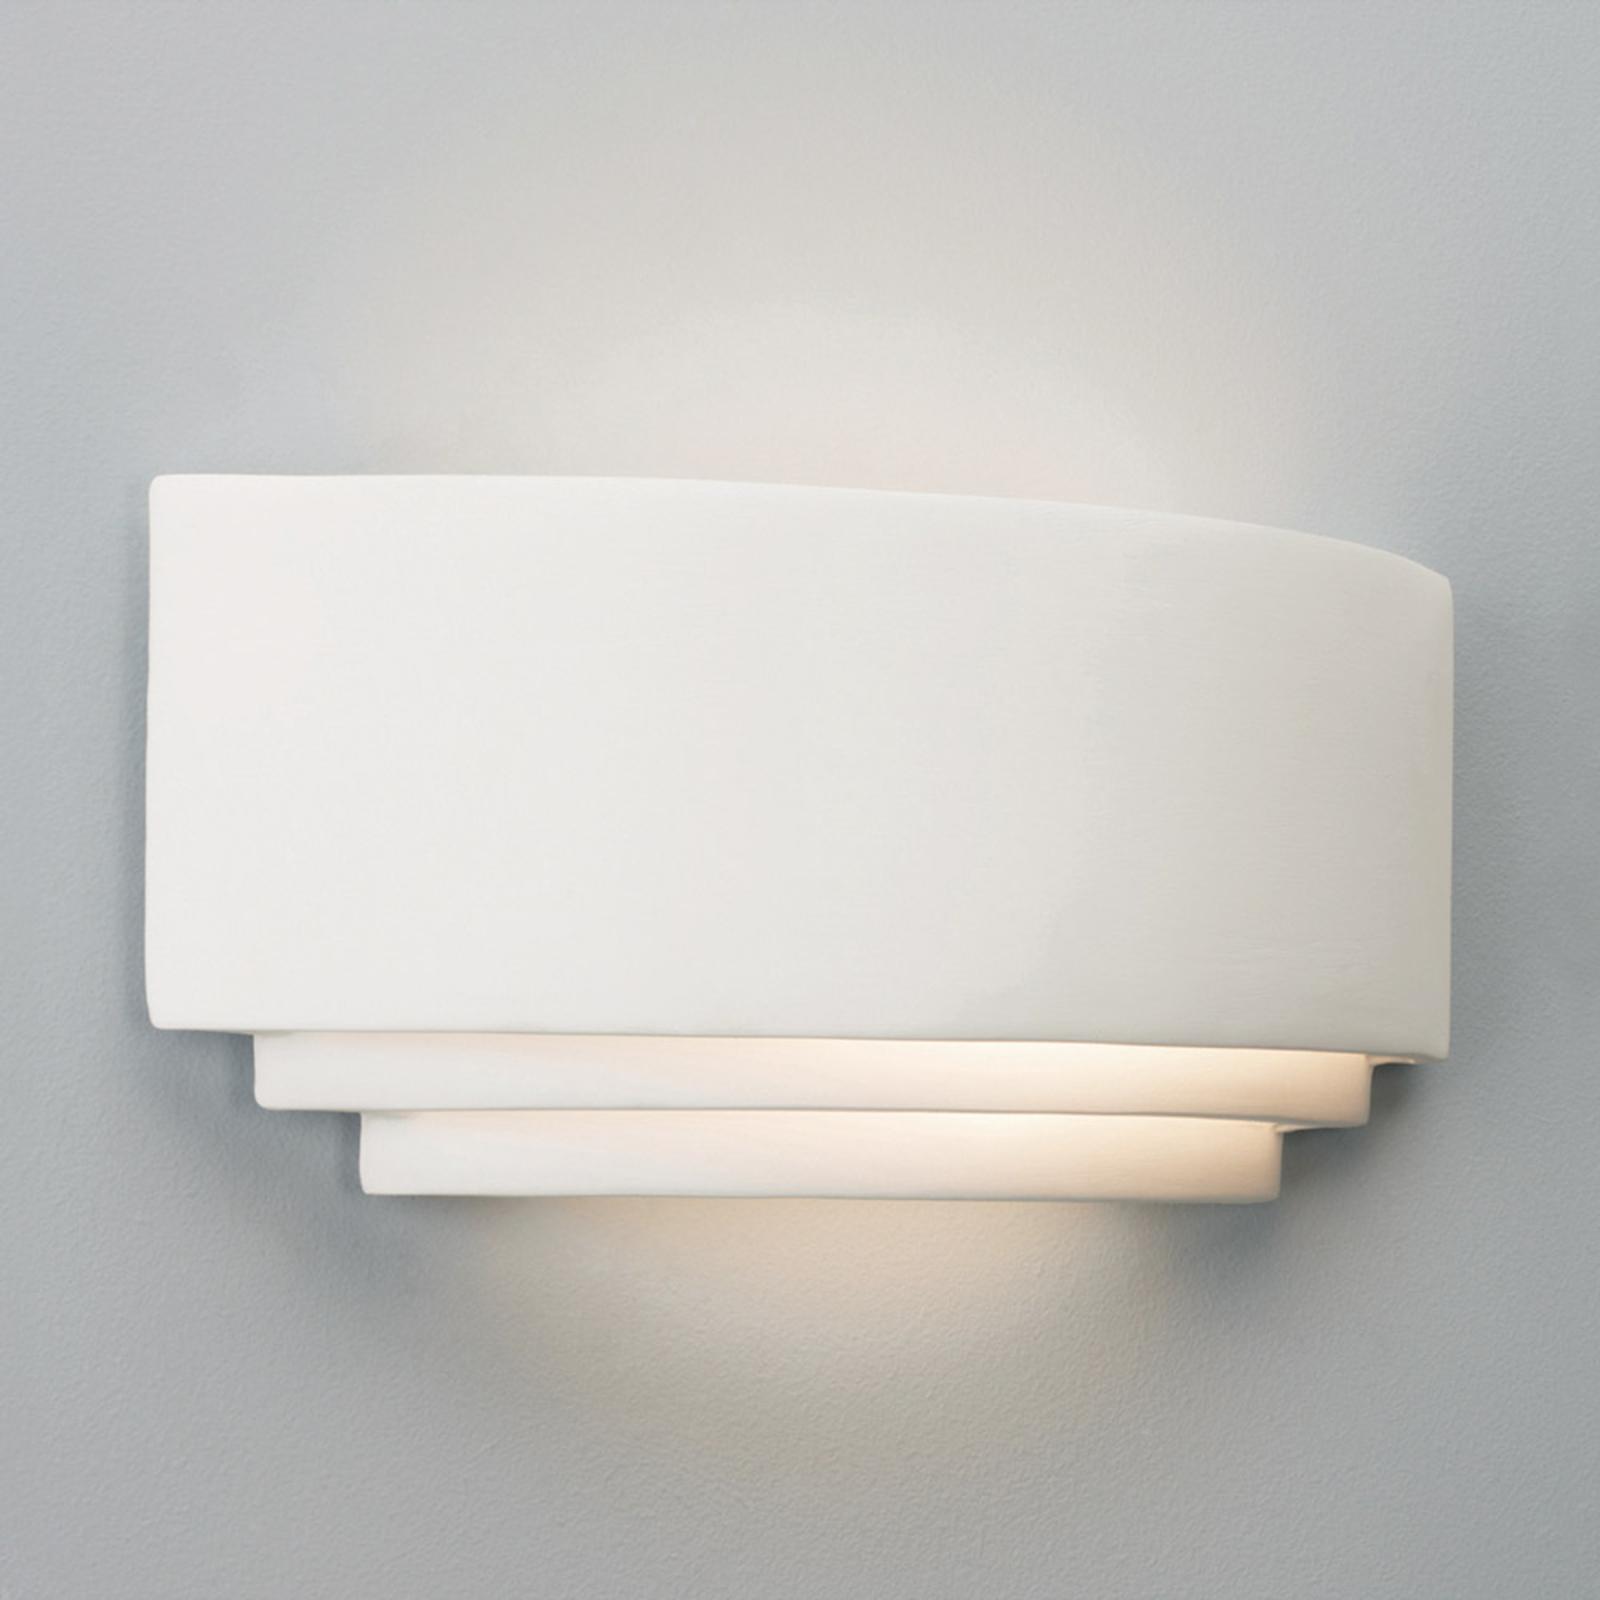 Astro Amalfi 315 – nástěnné světlo, sádra 31,5 cm